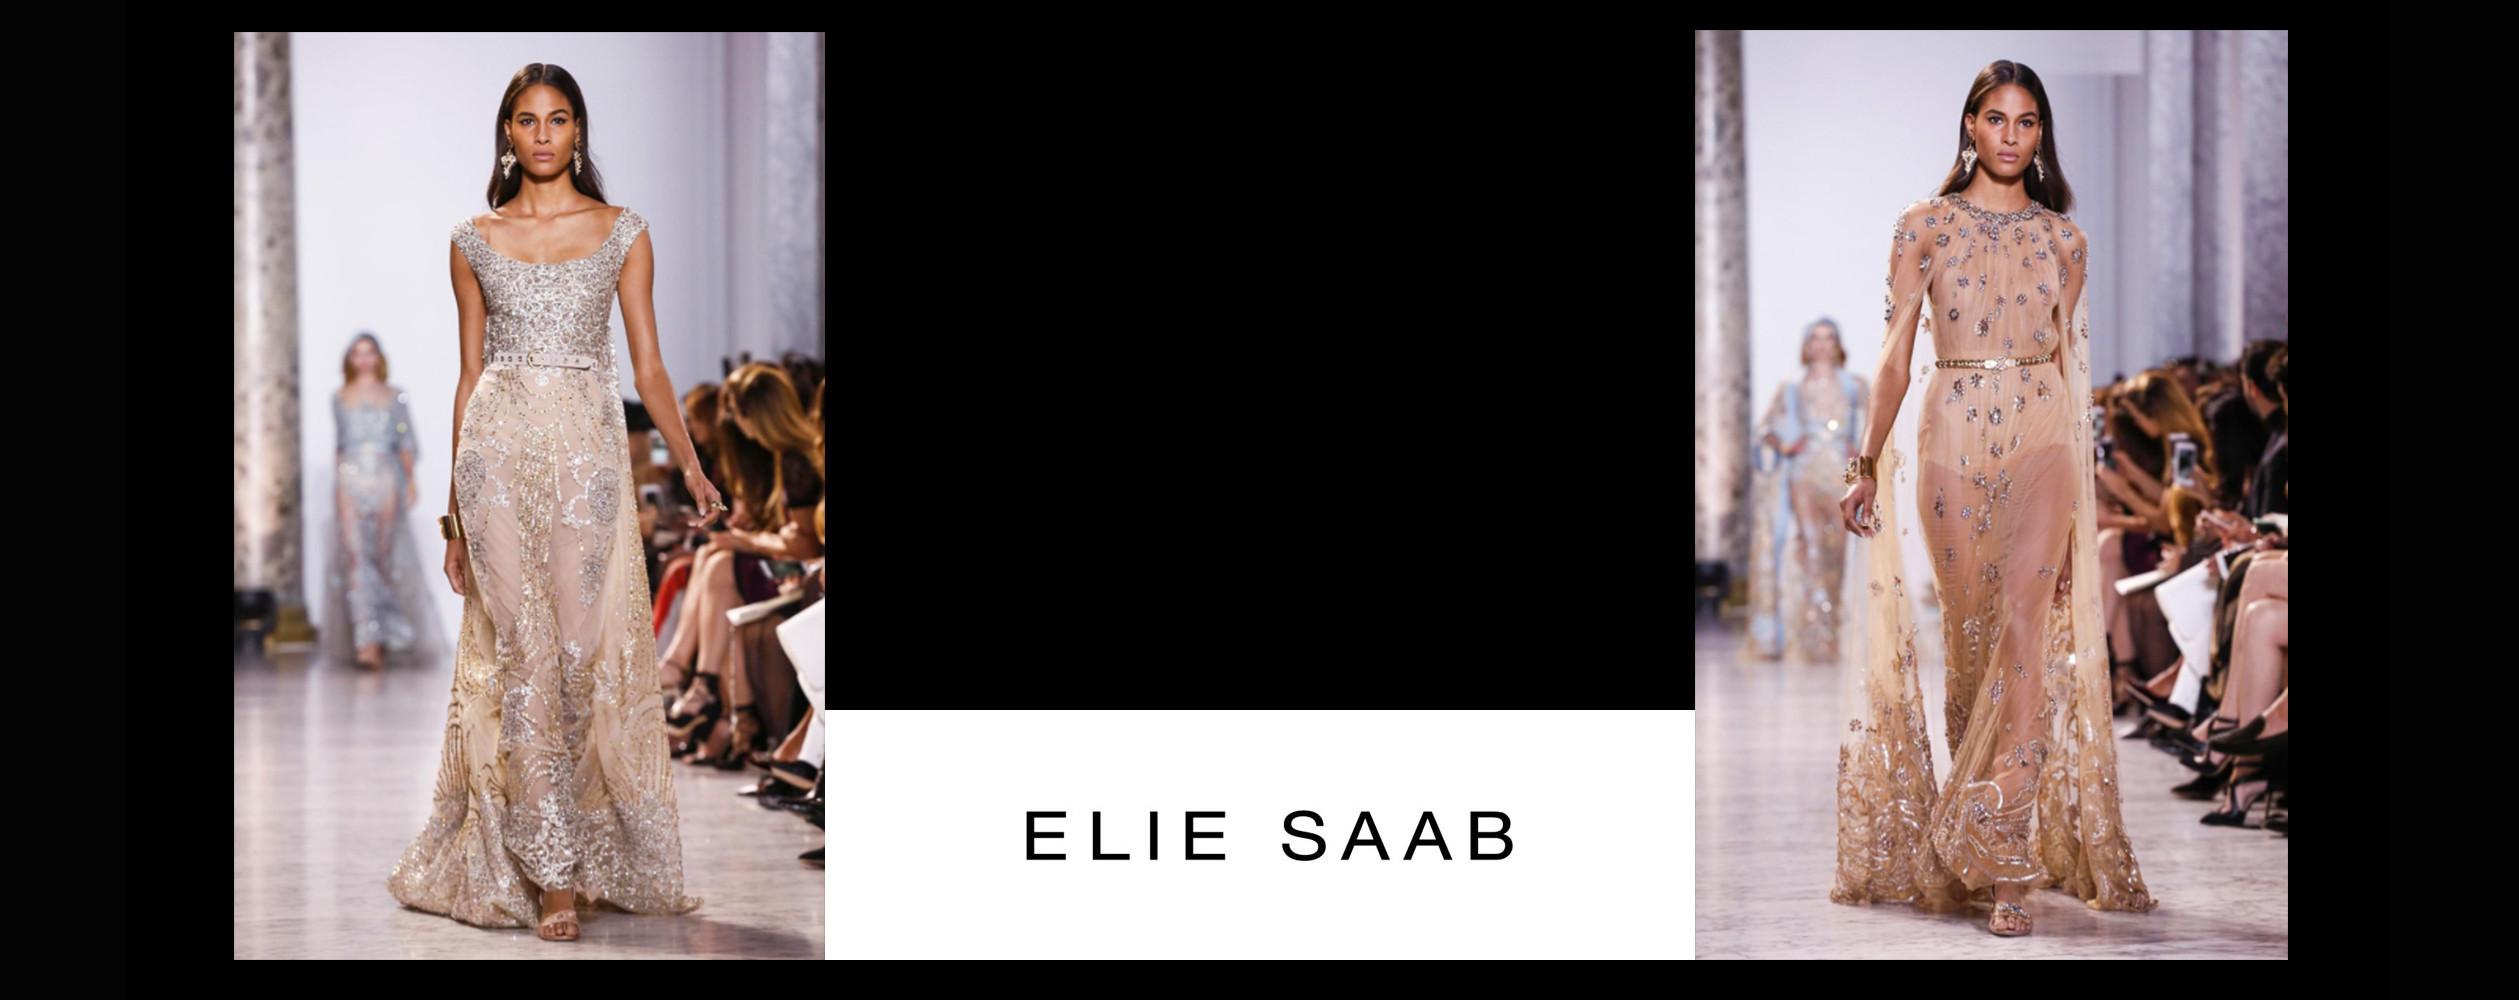 Cindy Bruna for Elie Saab #CoutureSS2017